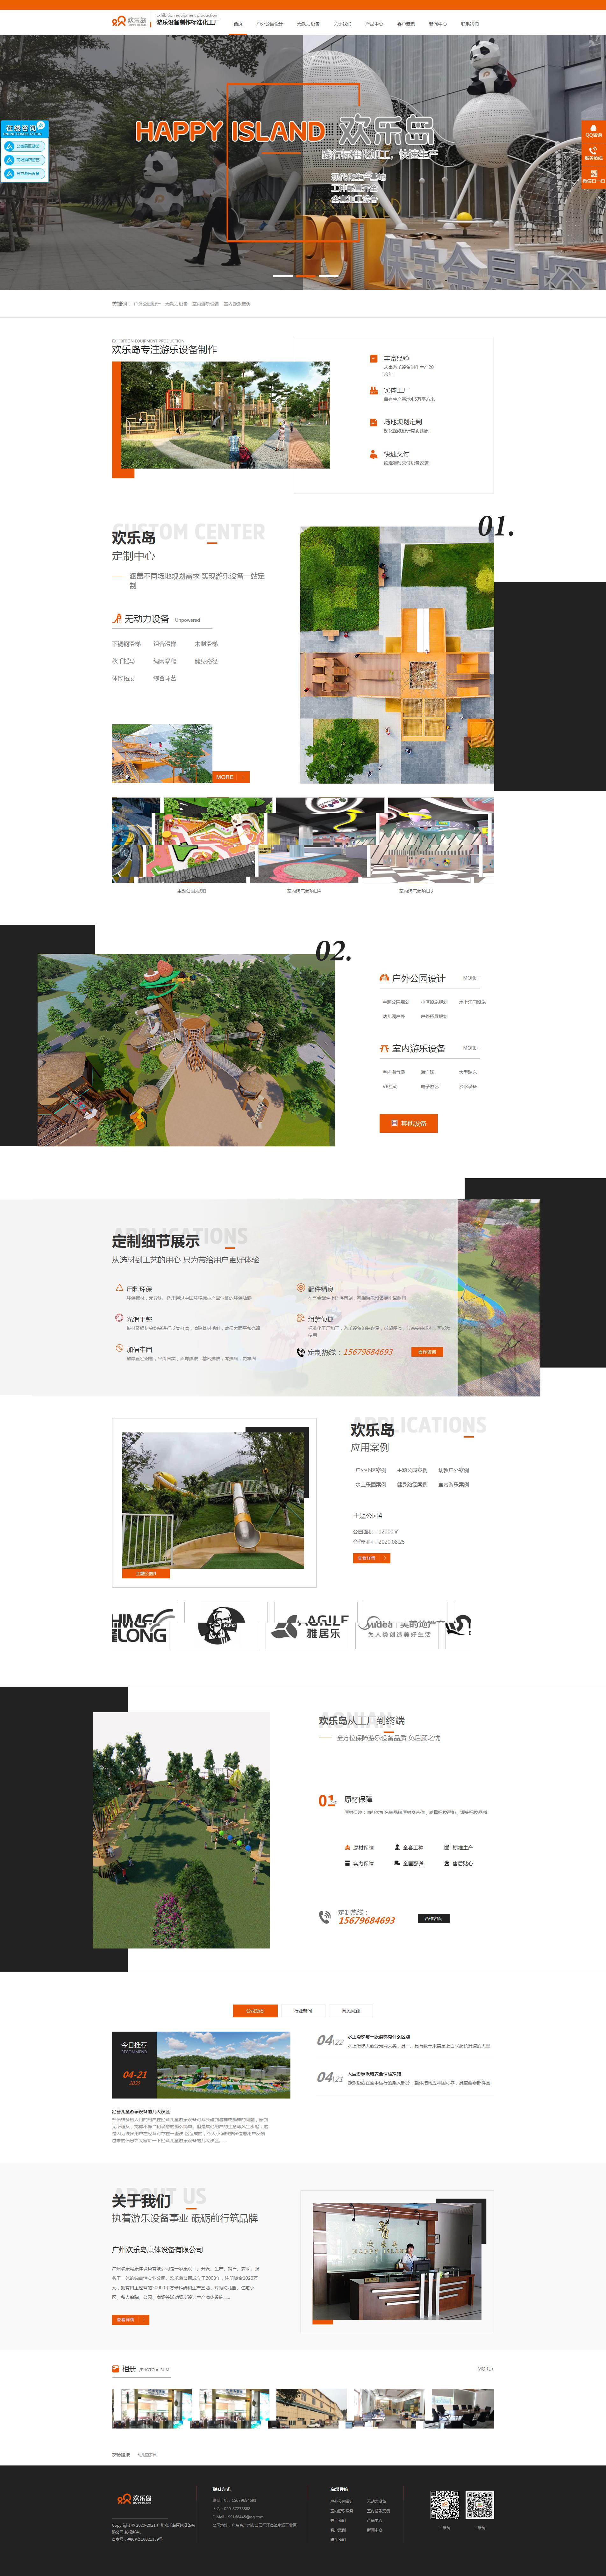 德州网站建设案例 - 欢乐岛